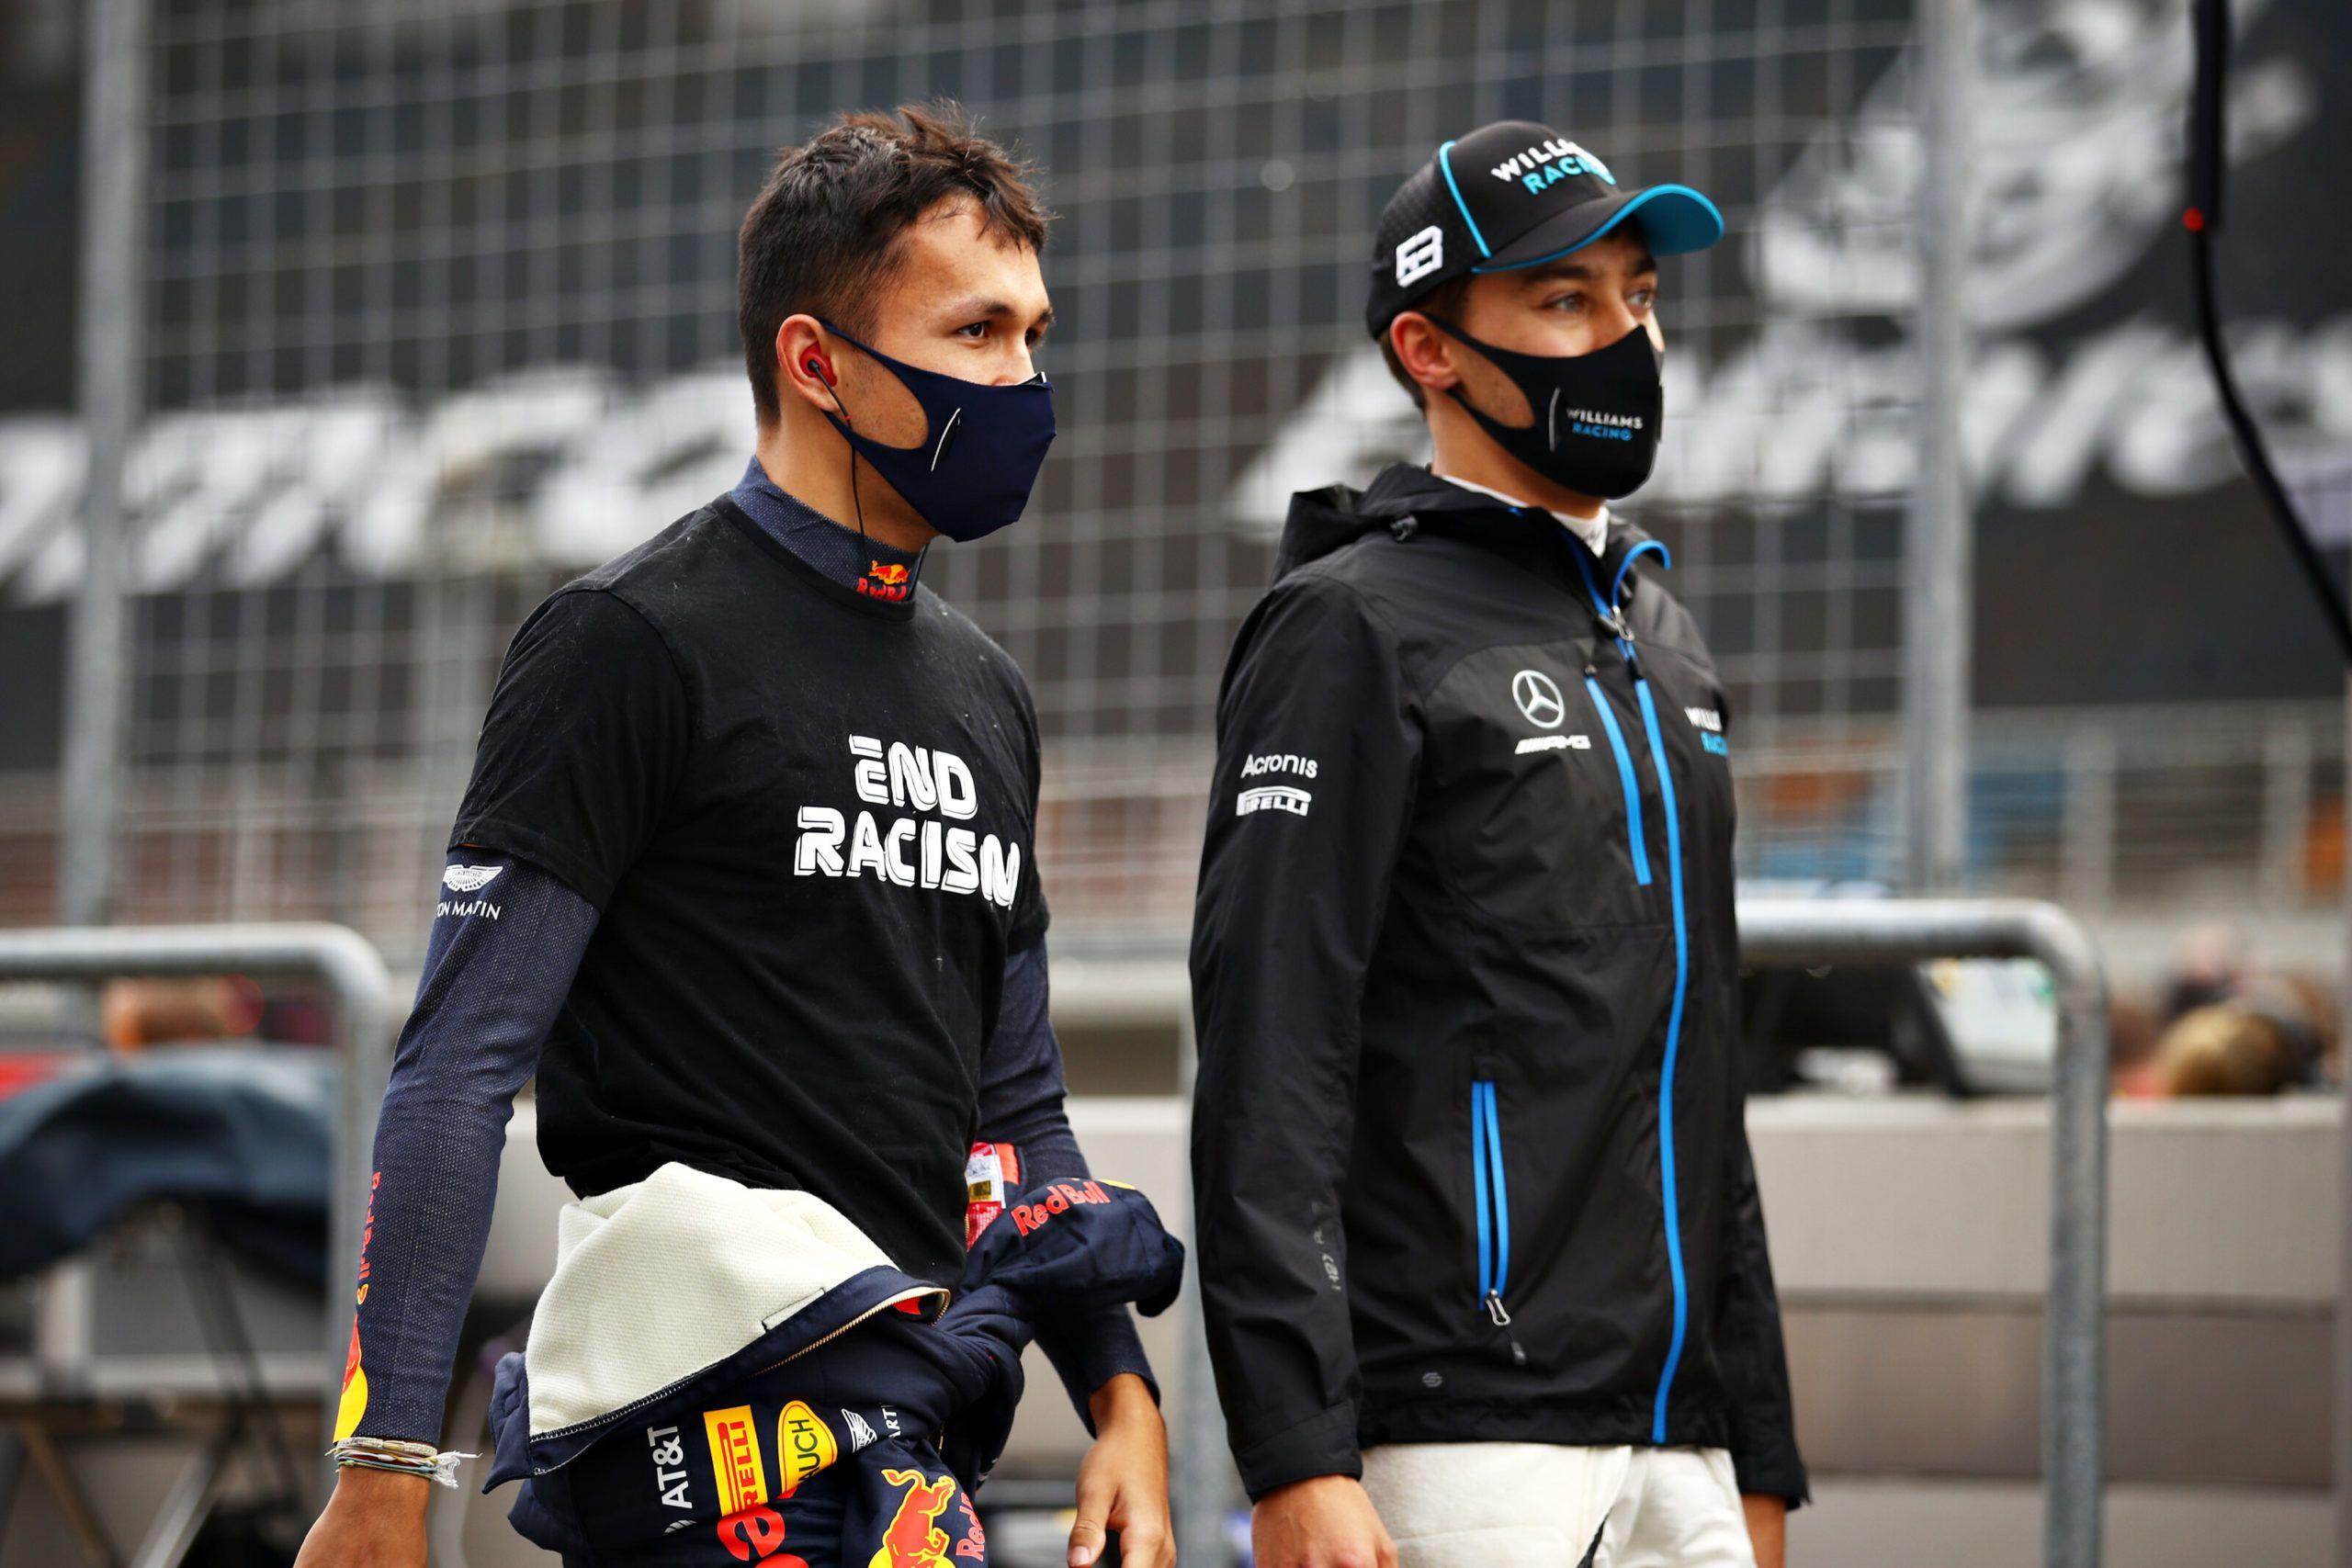 F1, Virtual GP, Daniel Ticktum, F2